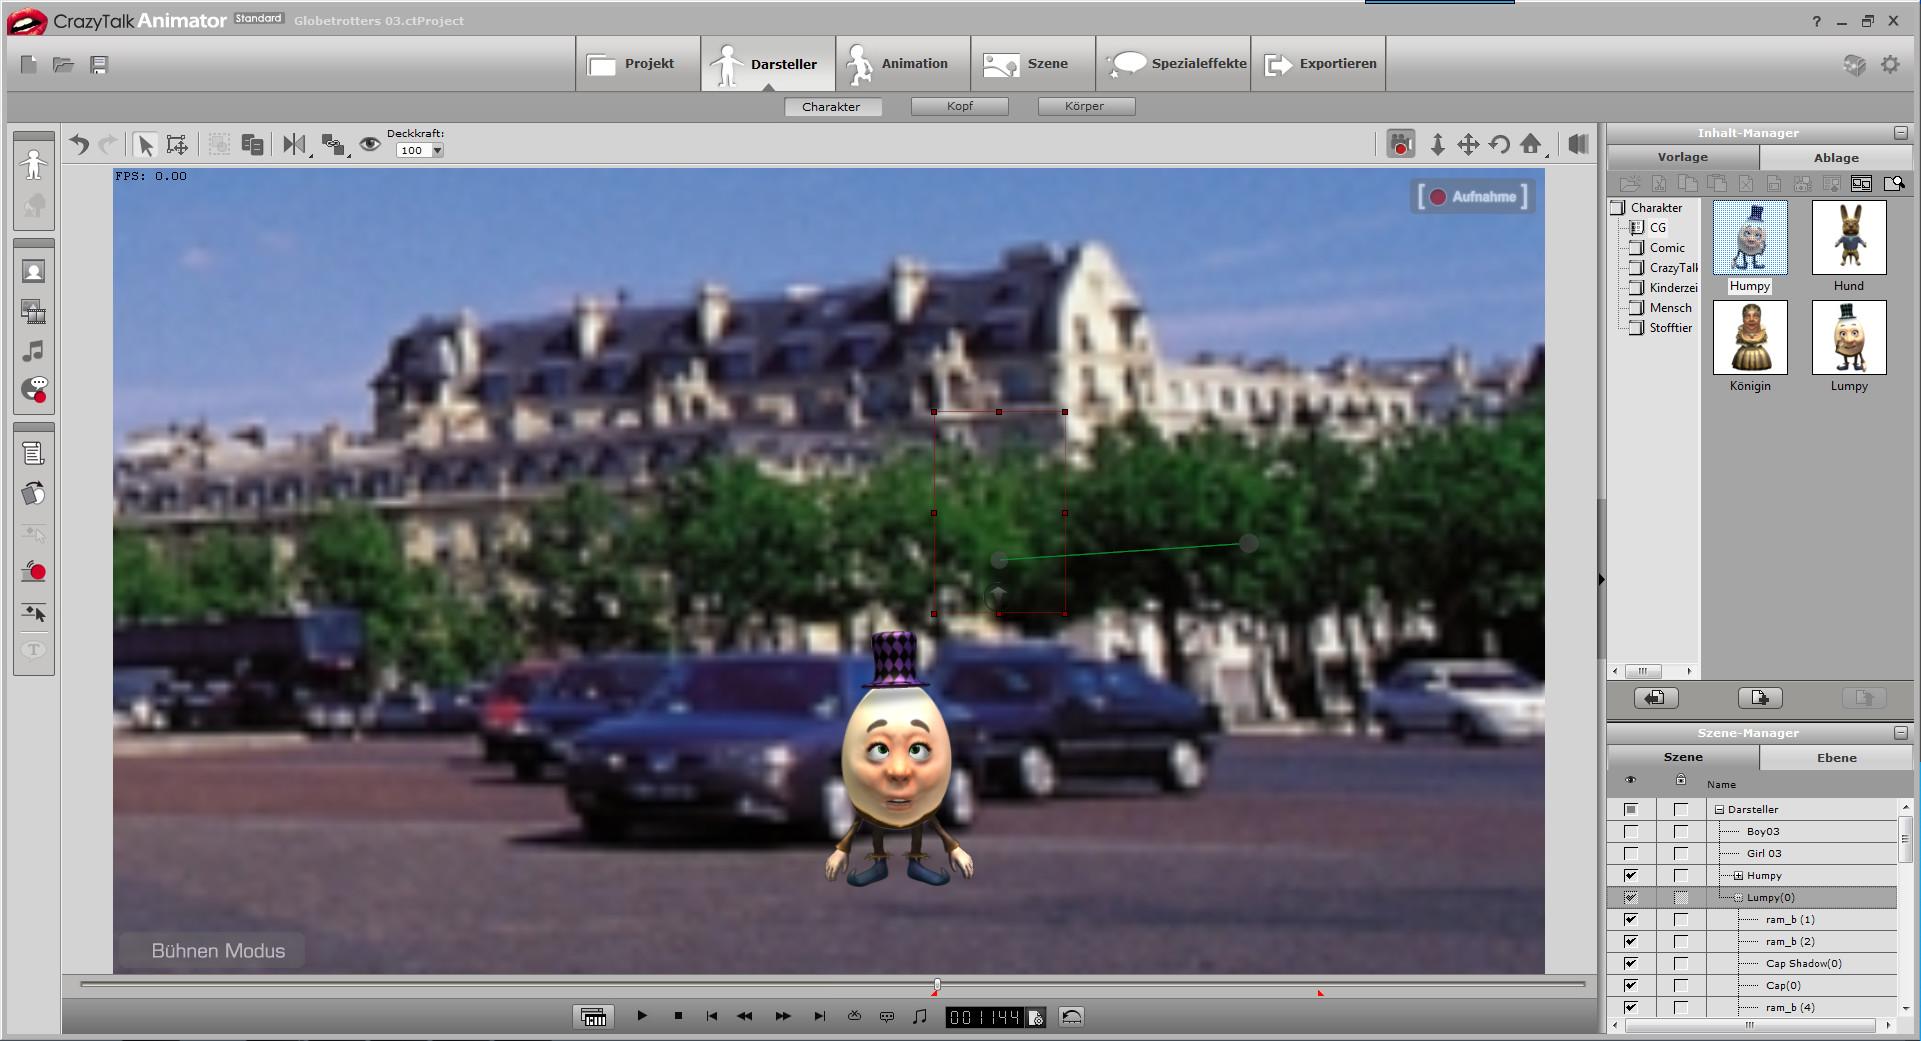 Screenshot 1 - CrazyTalk Animator: BonusPack mit Darstellern und Projekten